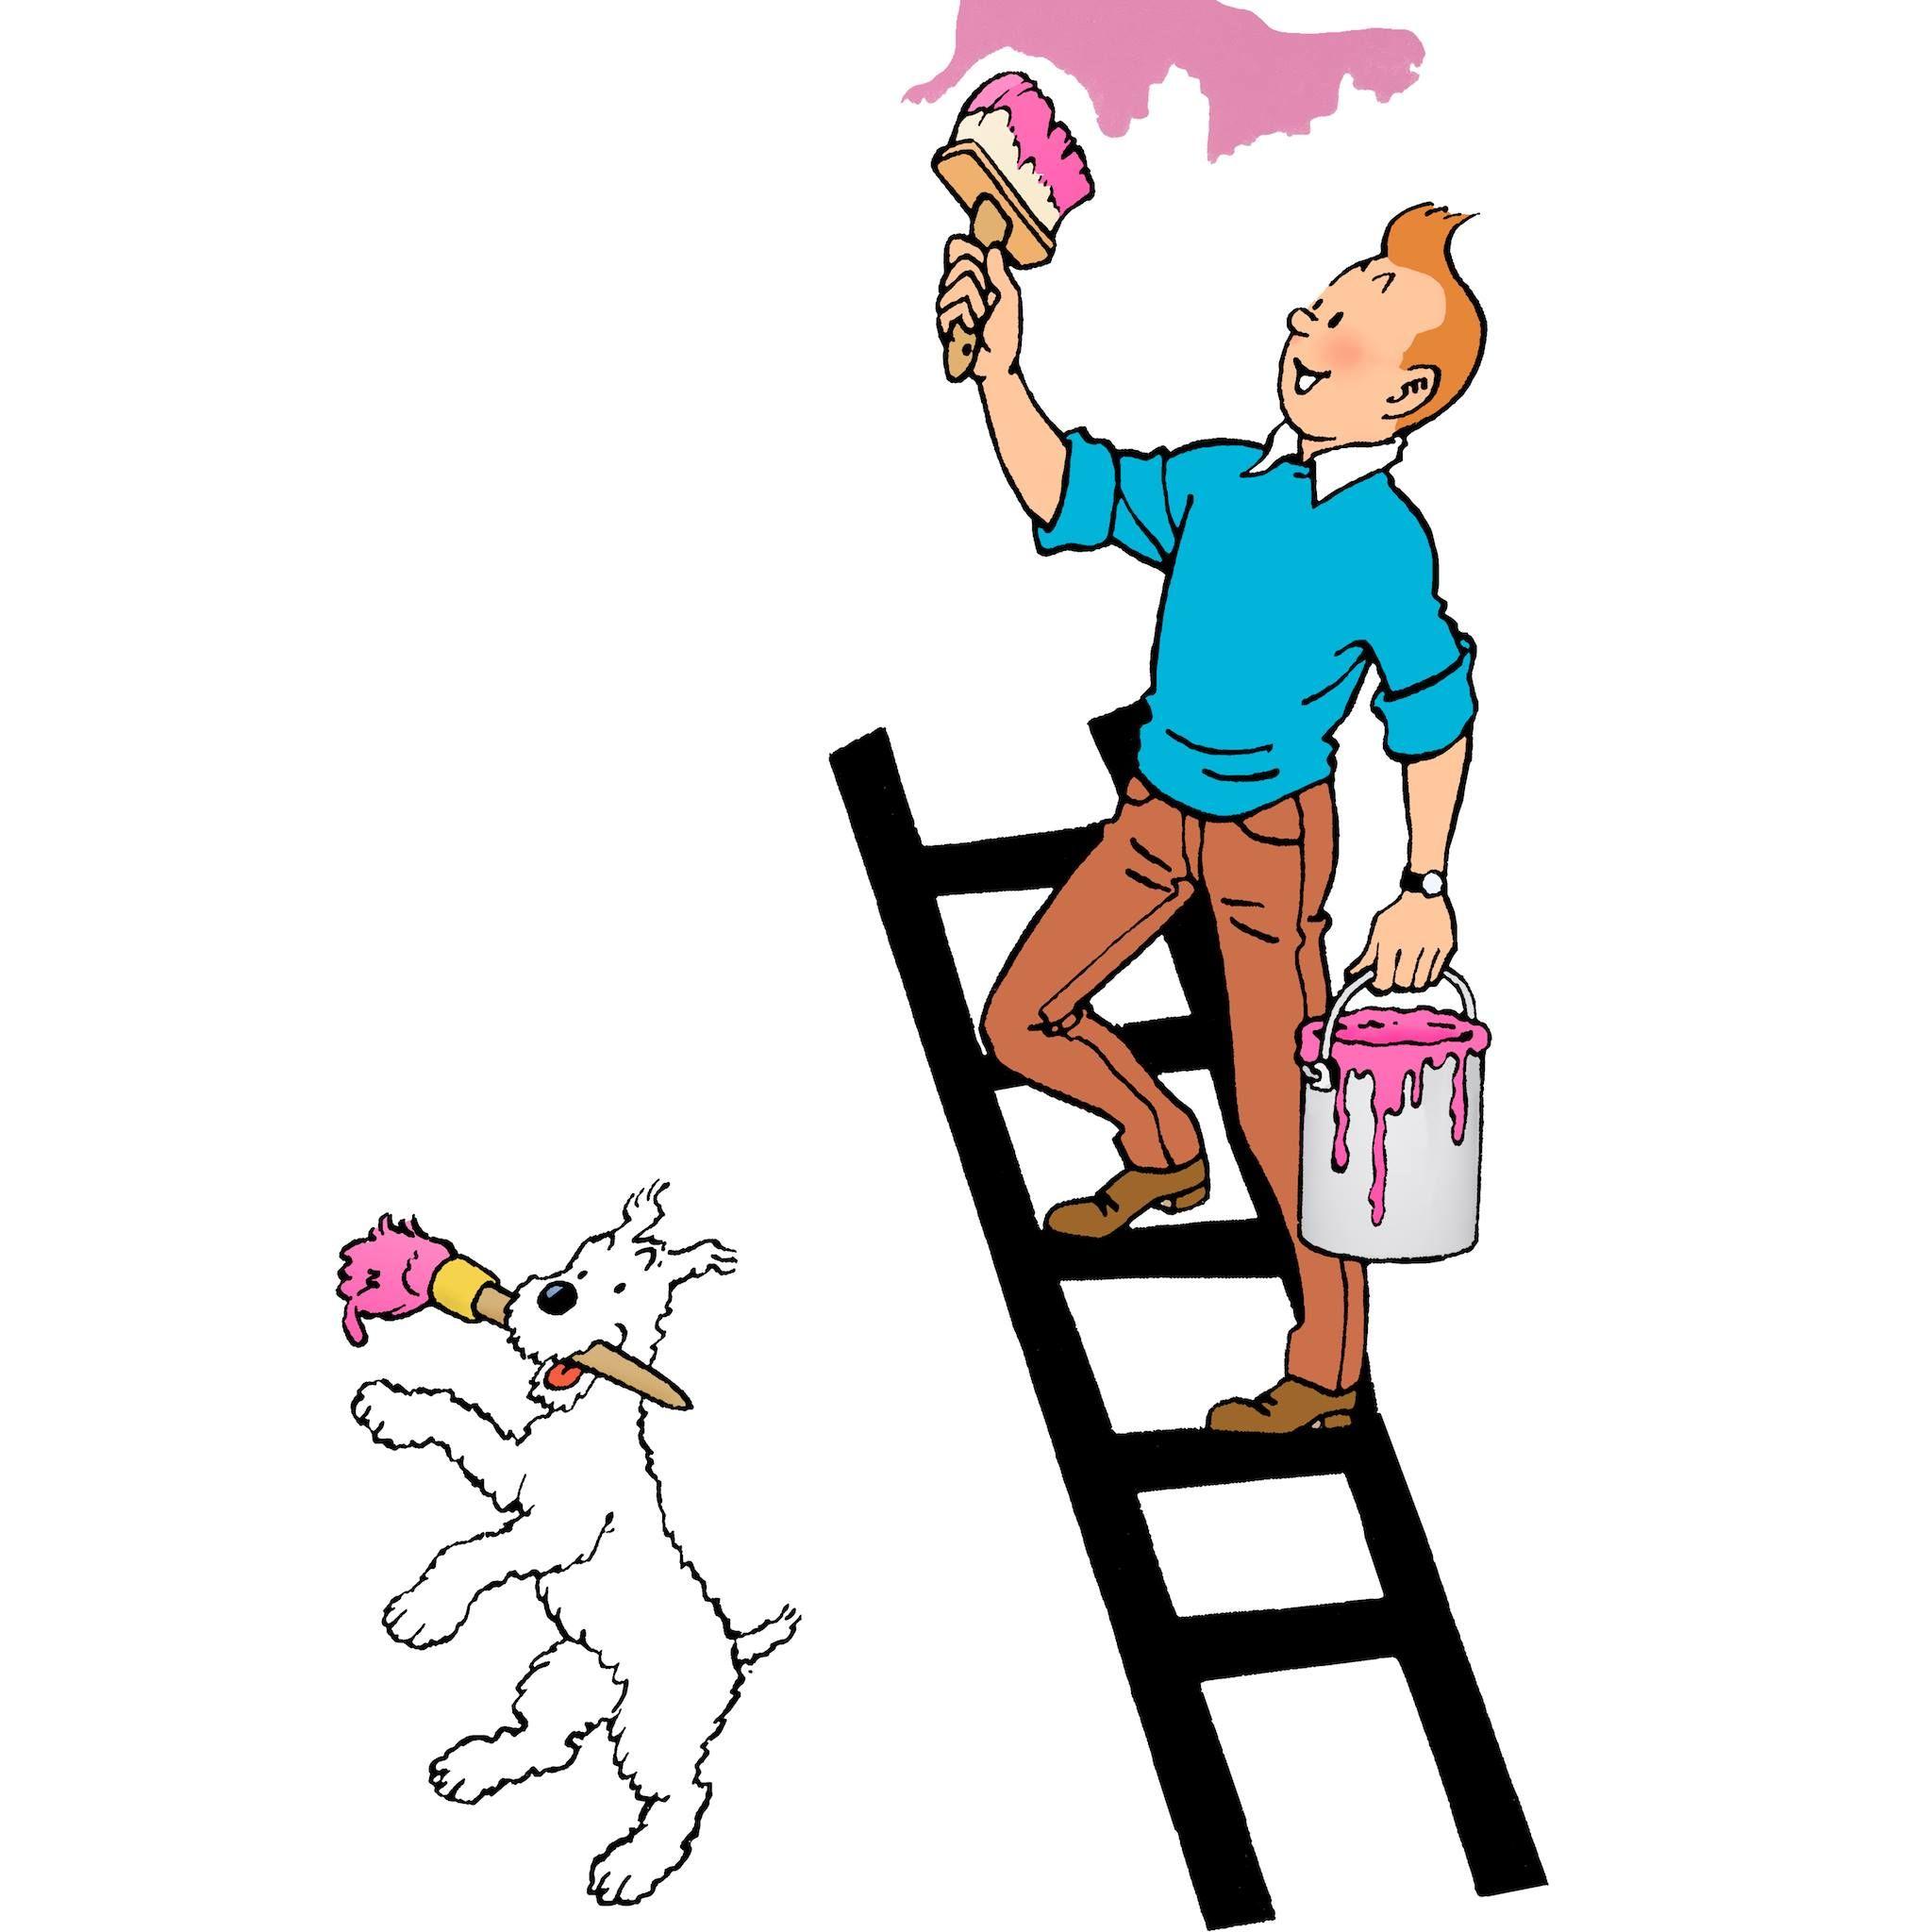 Dessin Anim 1970: 1970 Tintin Peintre En Couleurs